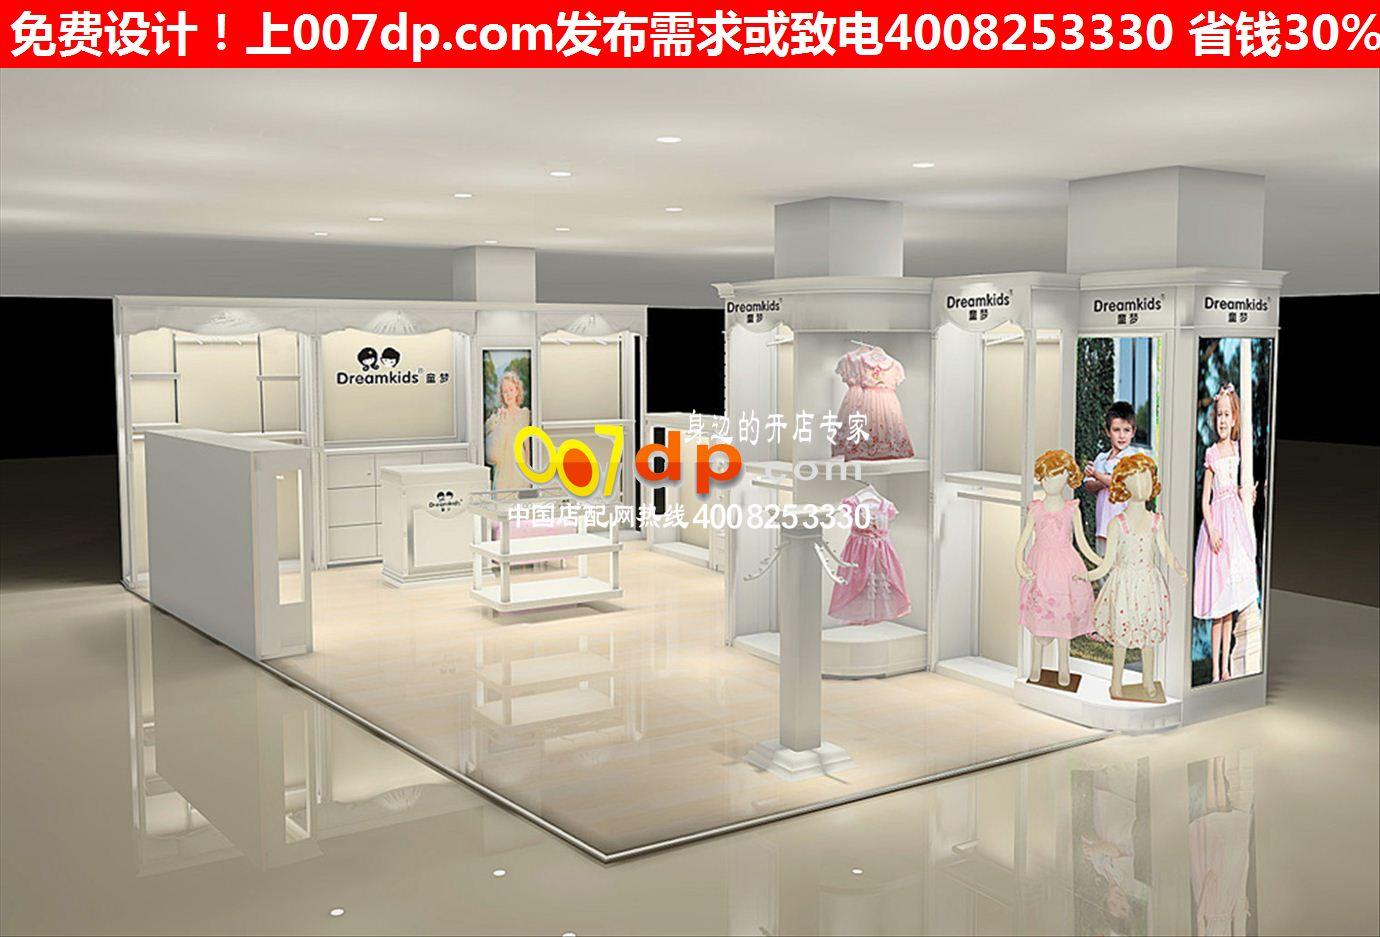 时尚韩国童装批发创意韩国童装实体店装修简约童装货柜货架